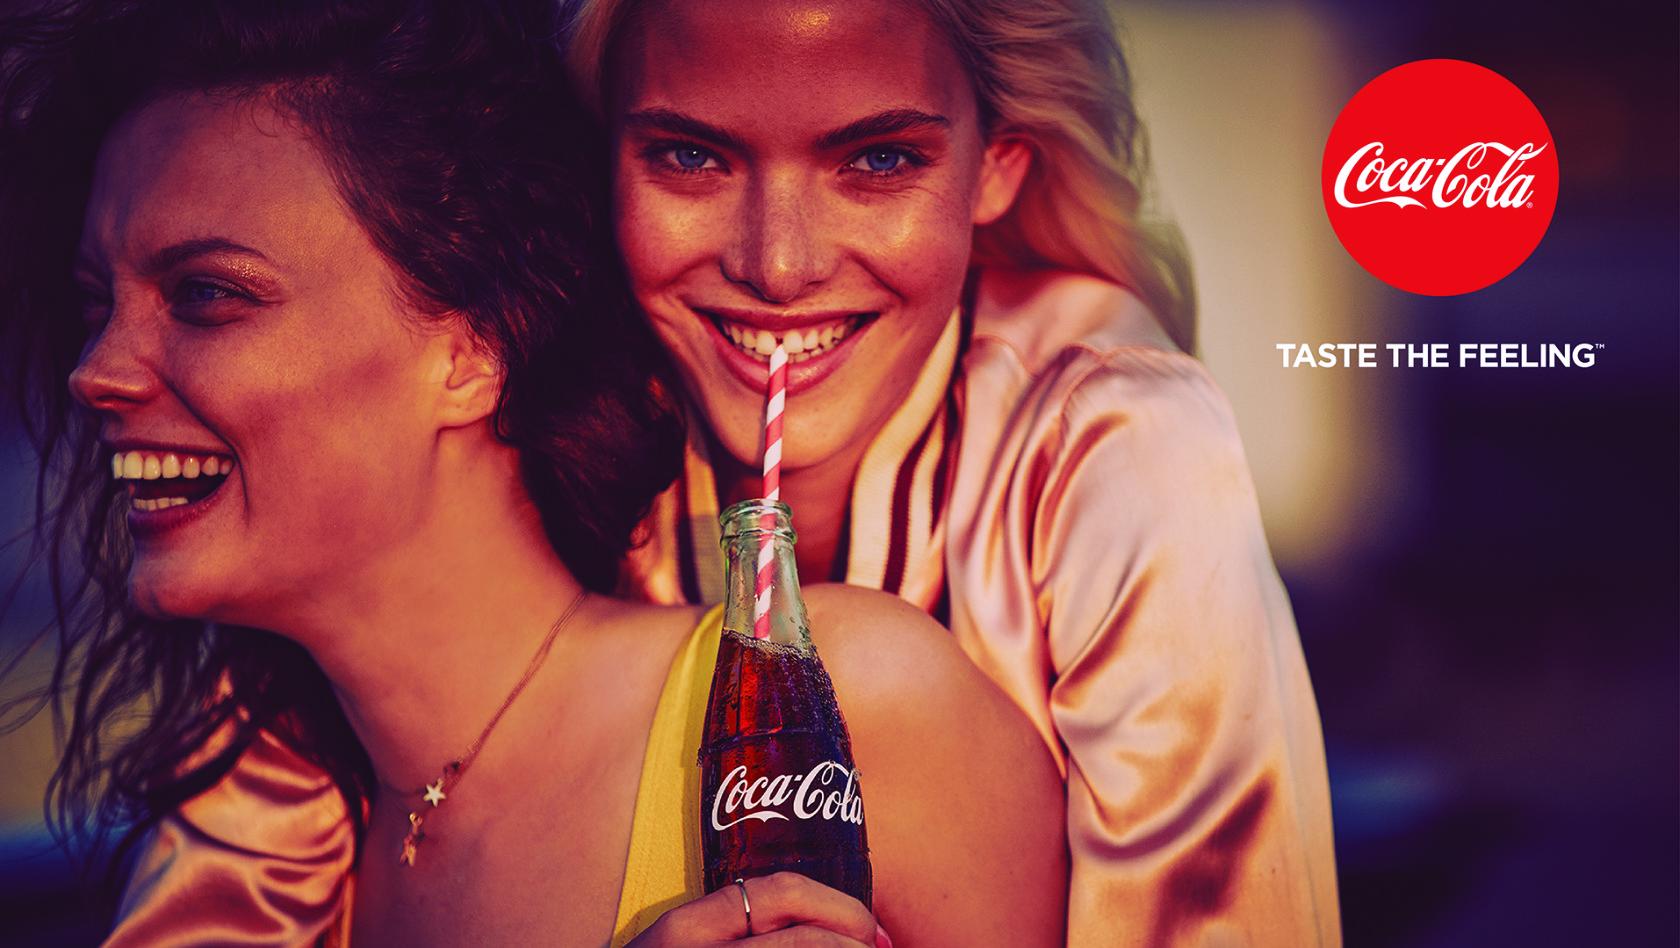 la ciencia de la publicidad es un diseño emocional y persuasivo